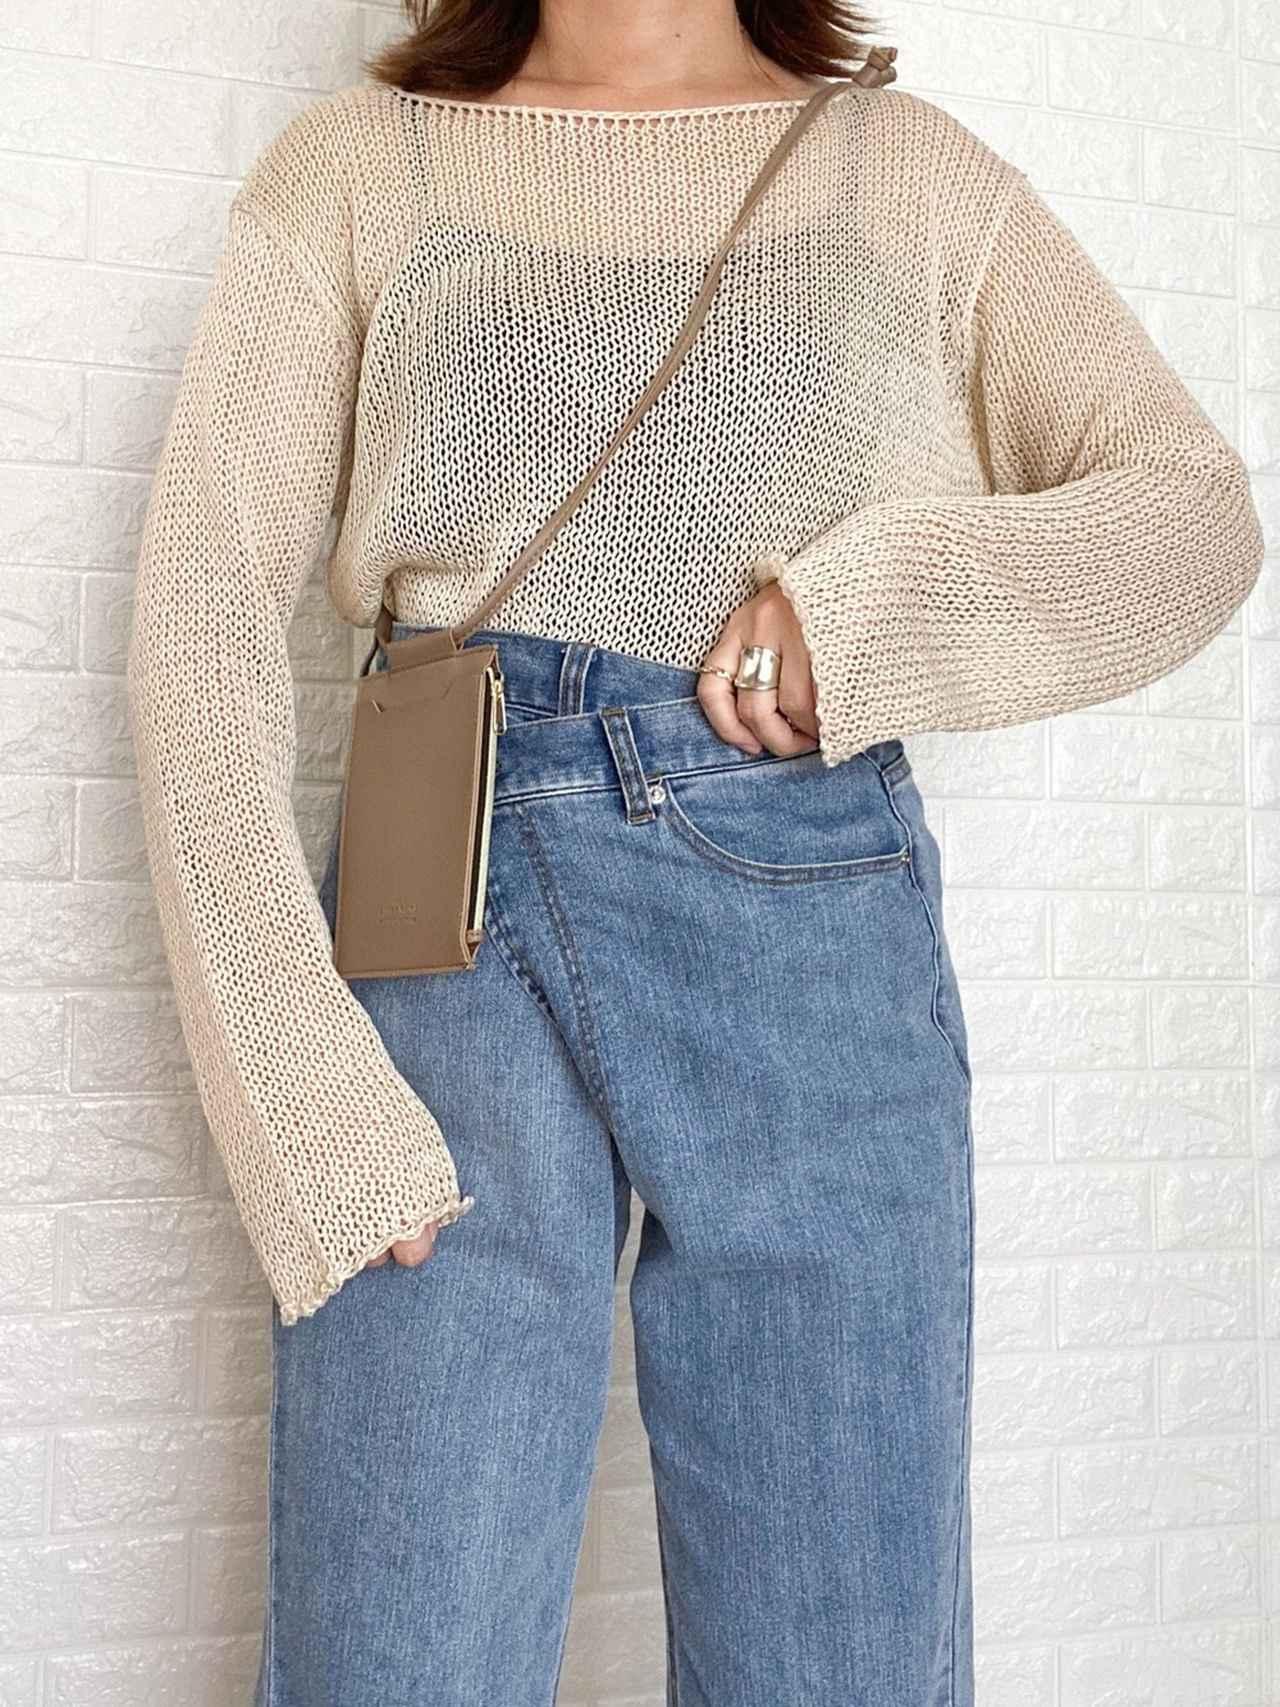 画像: 今超バズってる!【3coins】のバッグを使った高見えファッション4選